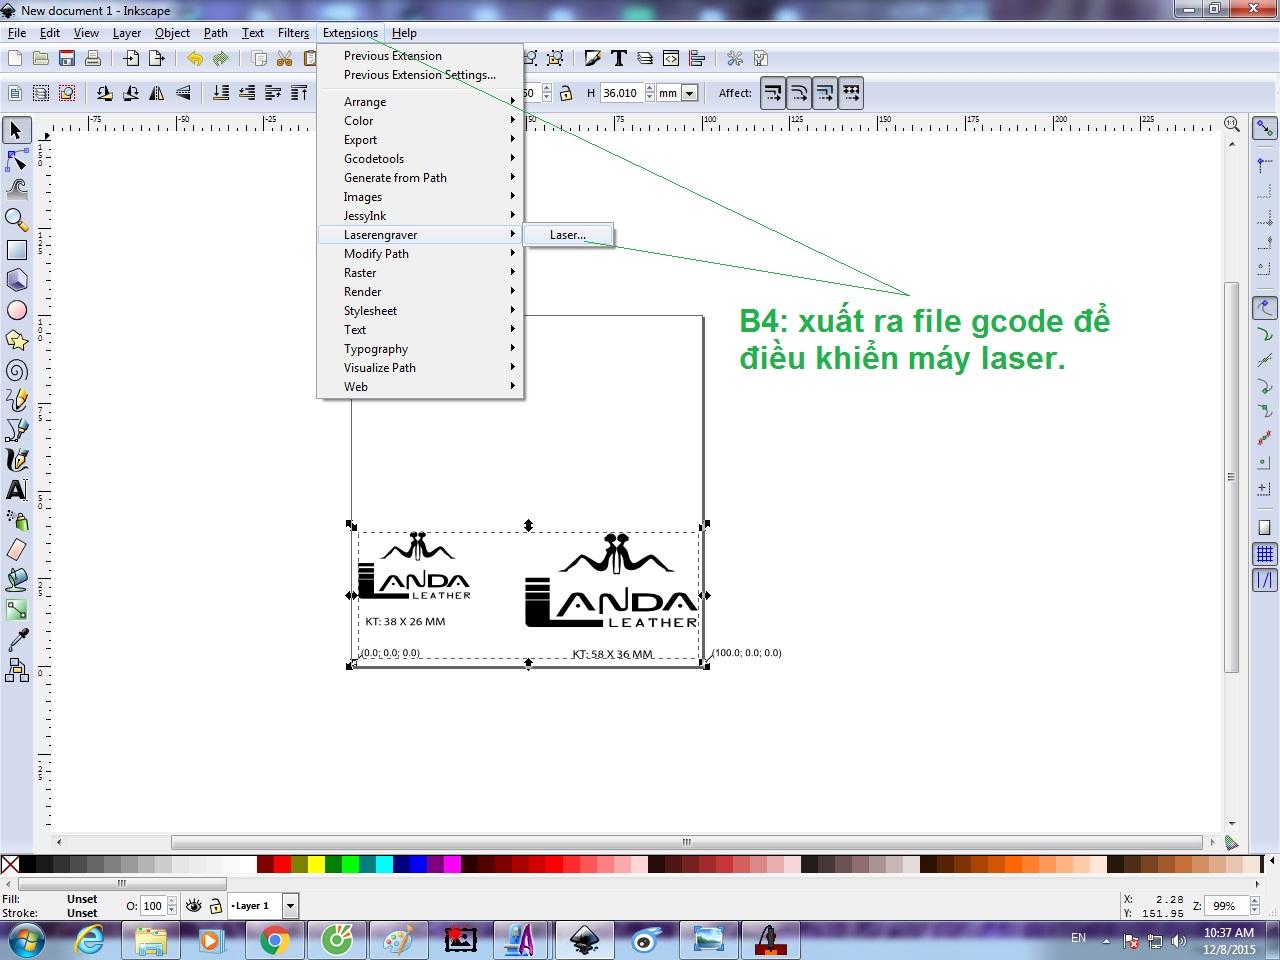 Hướng dẫn sử dụng phần mền inkscape tạo Gcode khắc laser